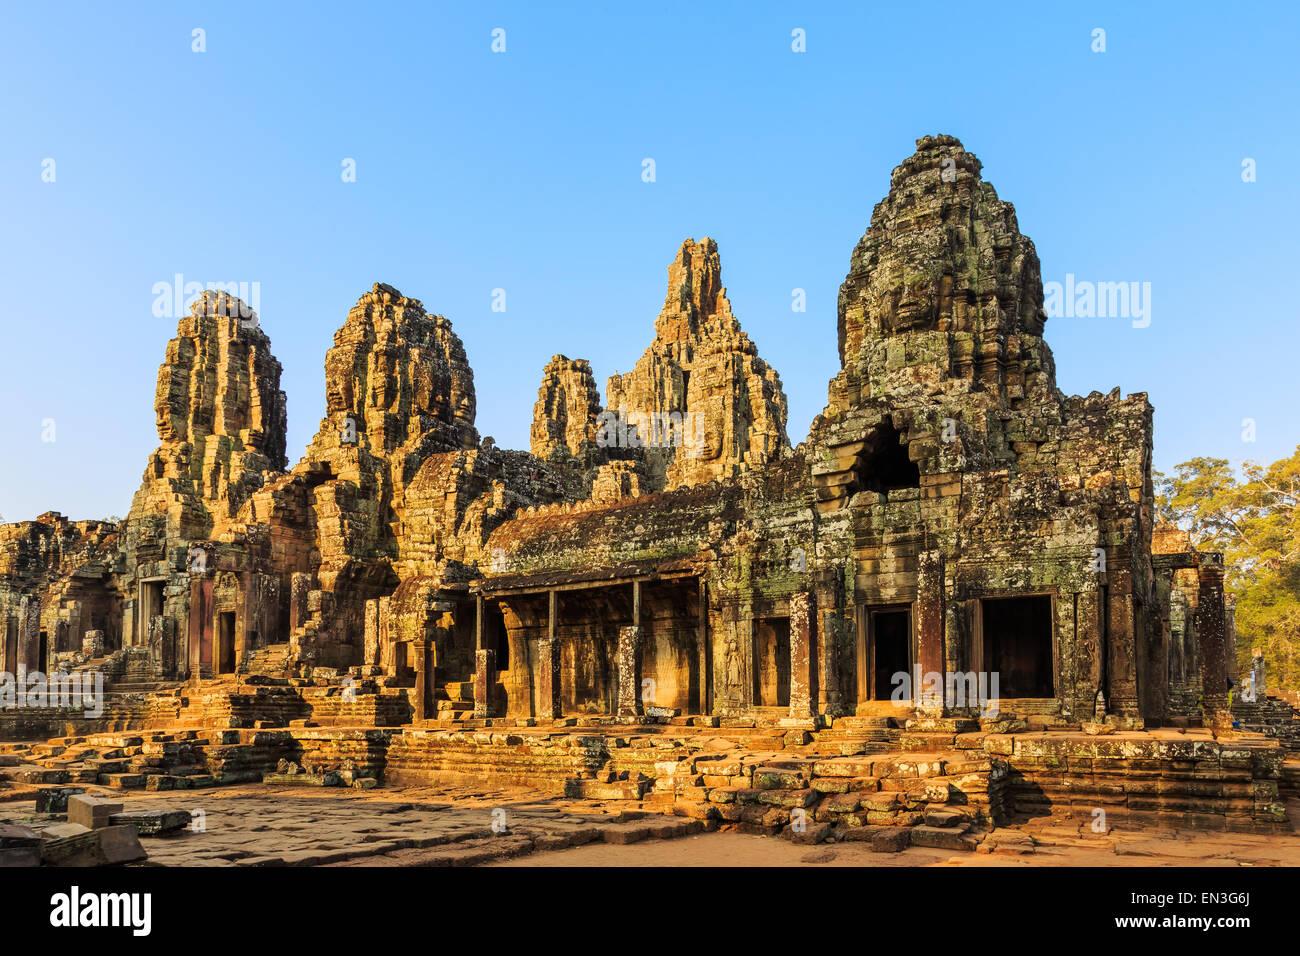 Faces of ancient Bayon Temple At Angkor Wat, Siem Reap, Cambodia - Stock Image